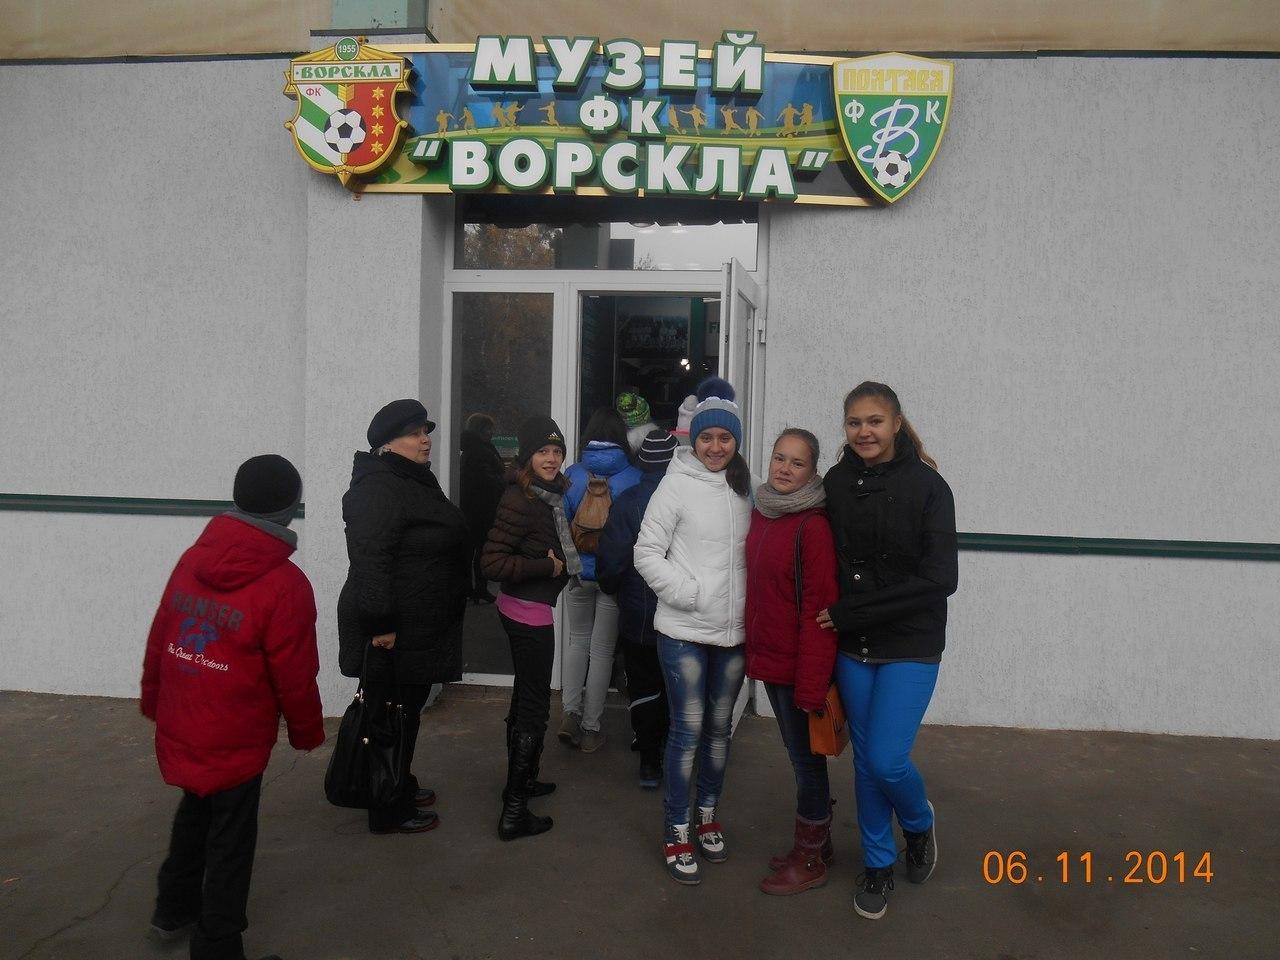 Екскурсія до музею футбольного клубу «Ворскла»